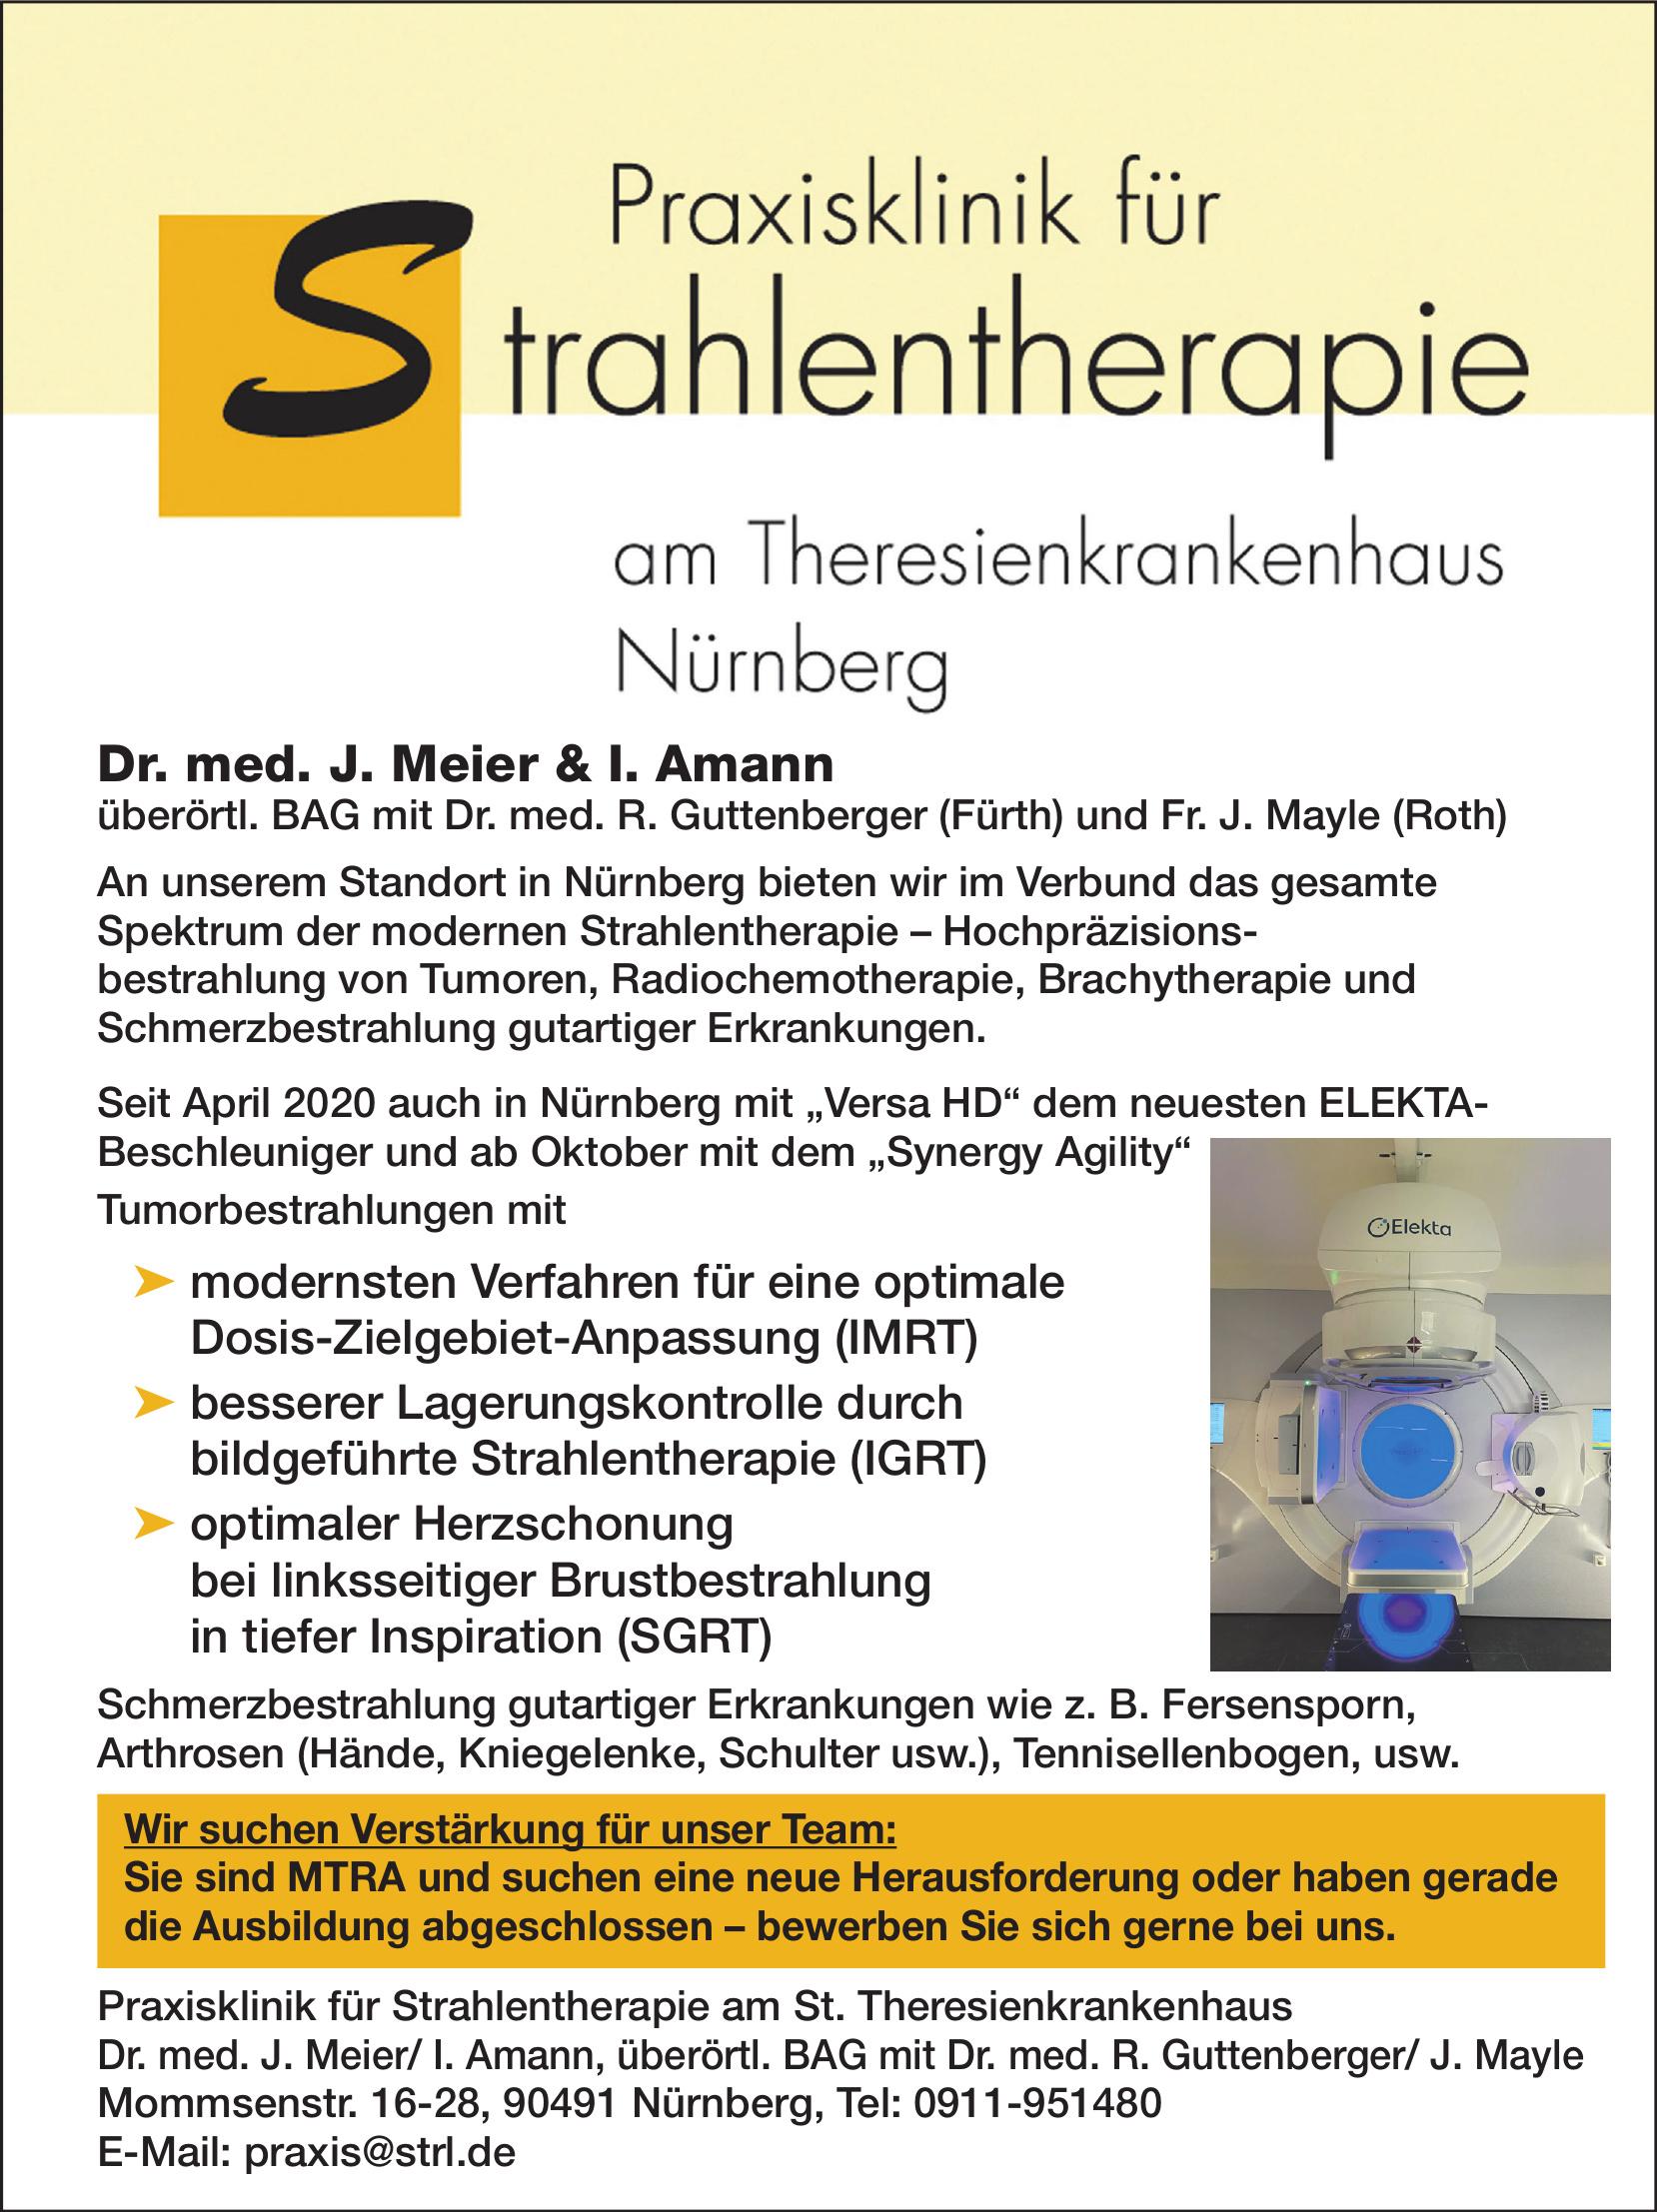 Praxisklinik für Strahlentherapie am St. Theresienkrankenhaus